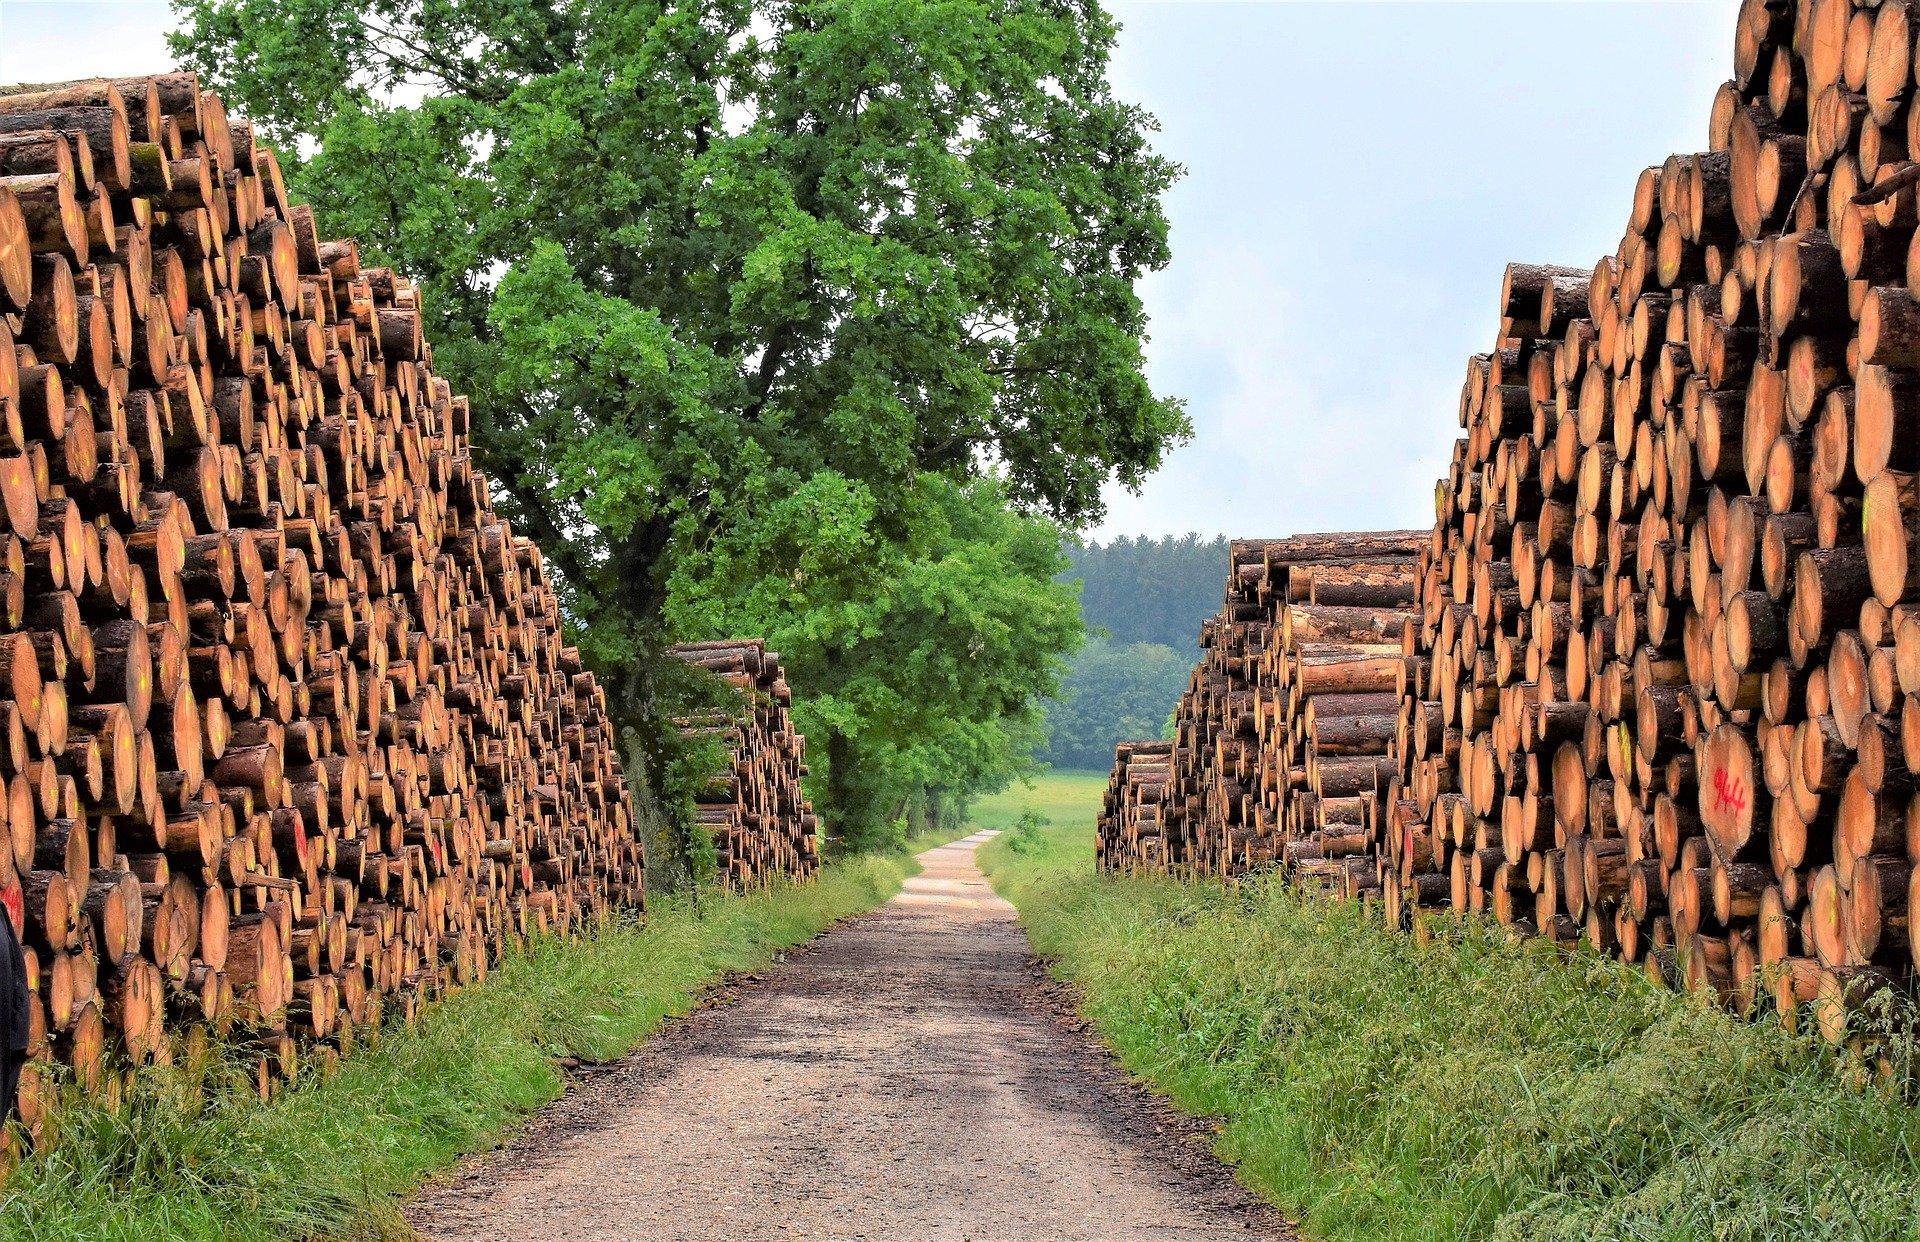 biomasse energie union europeenne surestime capacites 2050 - L'Energeek